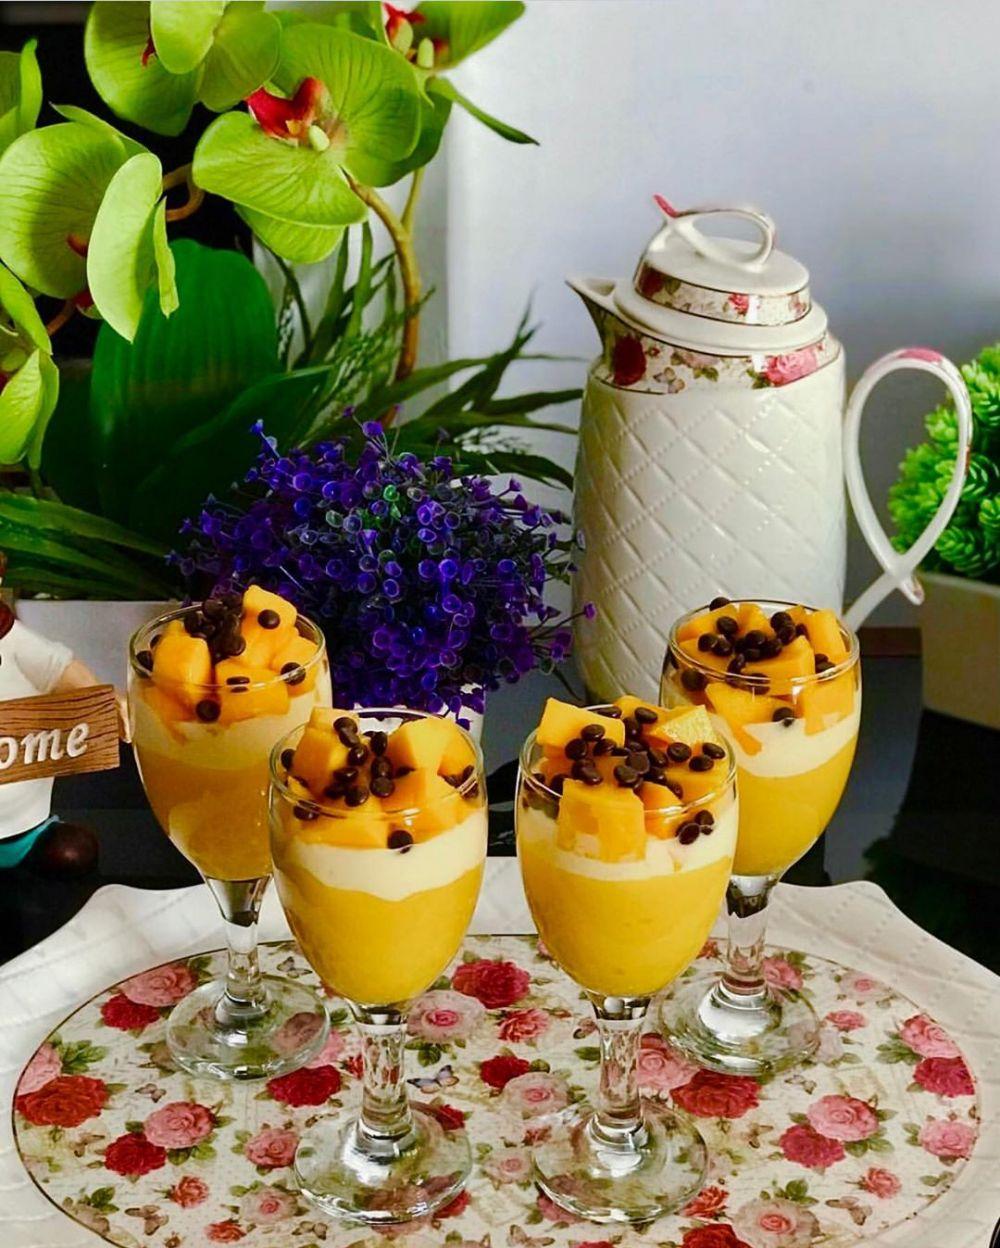 10 Cara membuat yogurt ala rumahan, mudah, lezat, dan sehat instagram